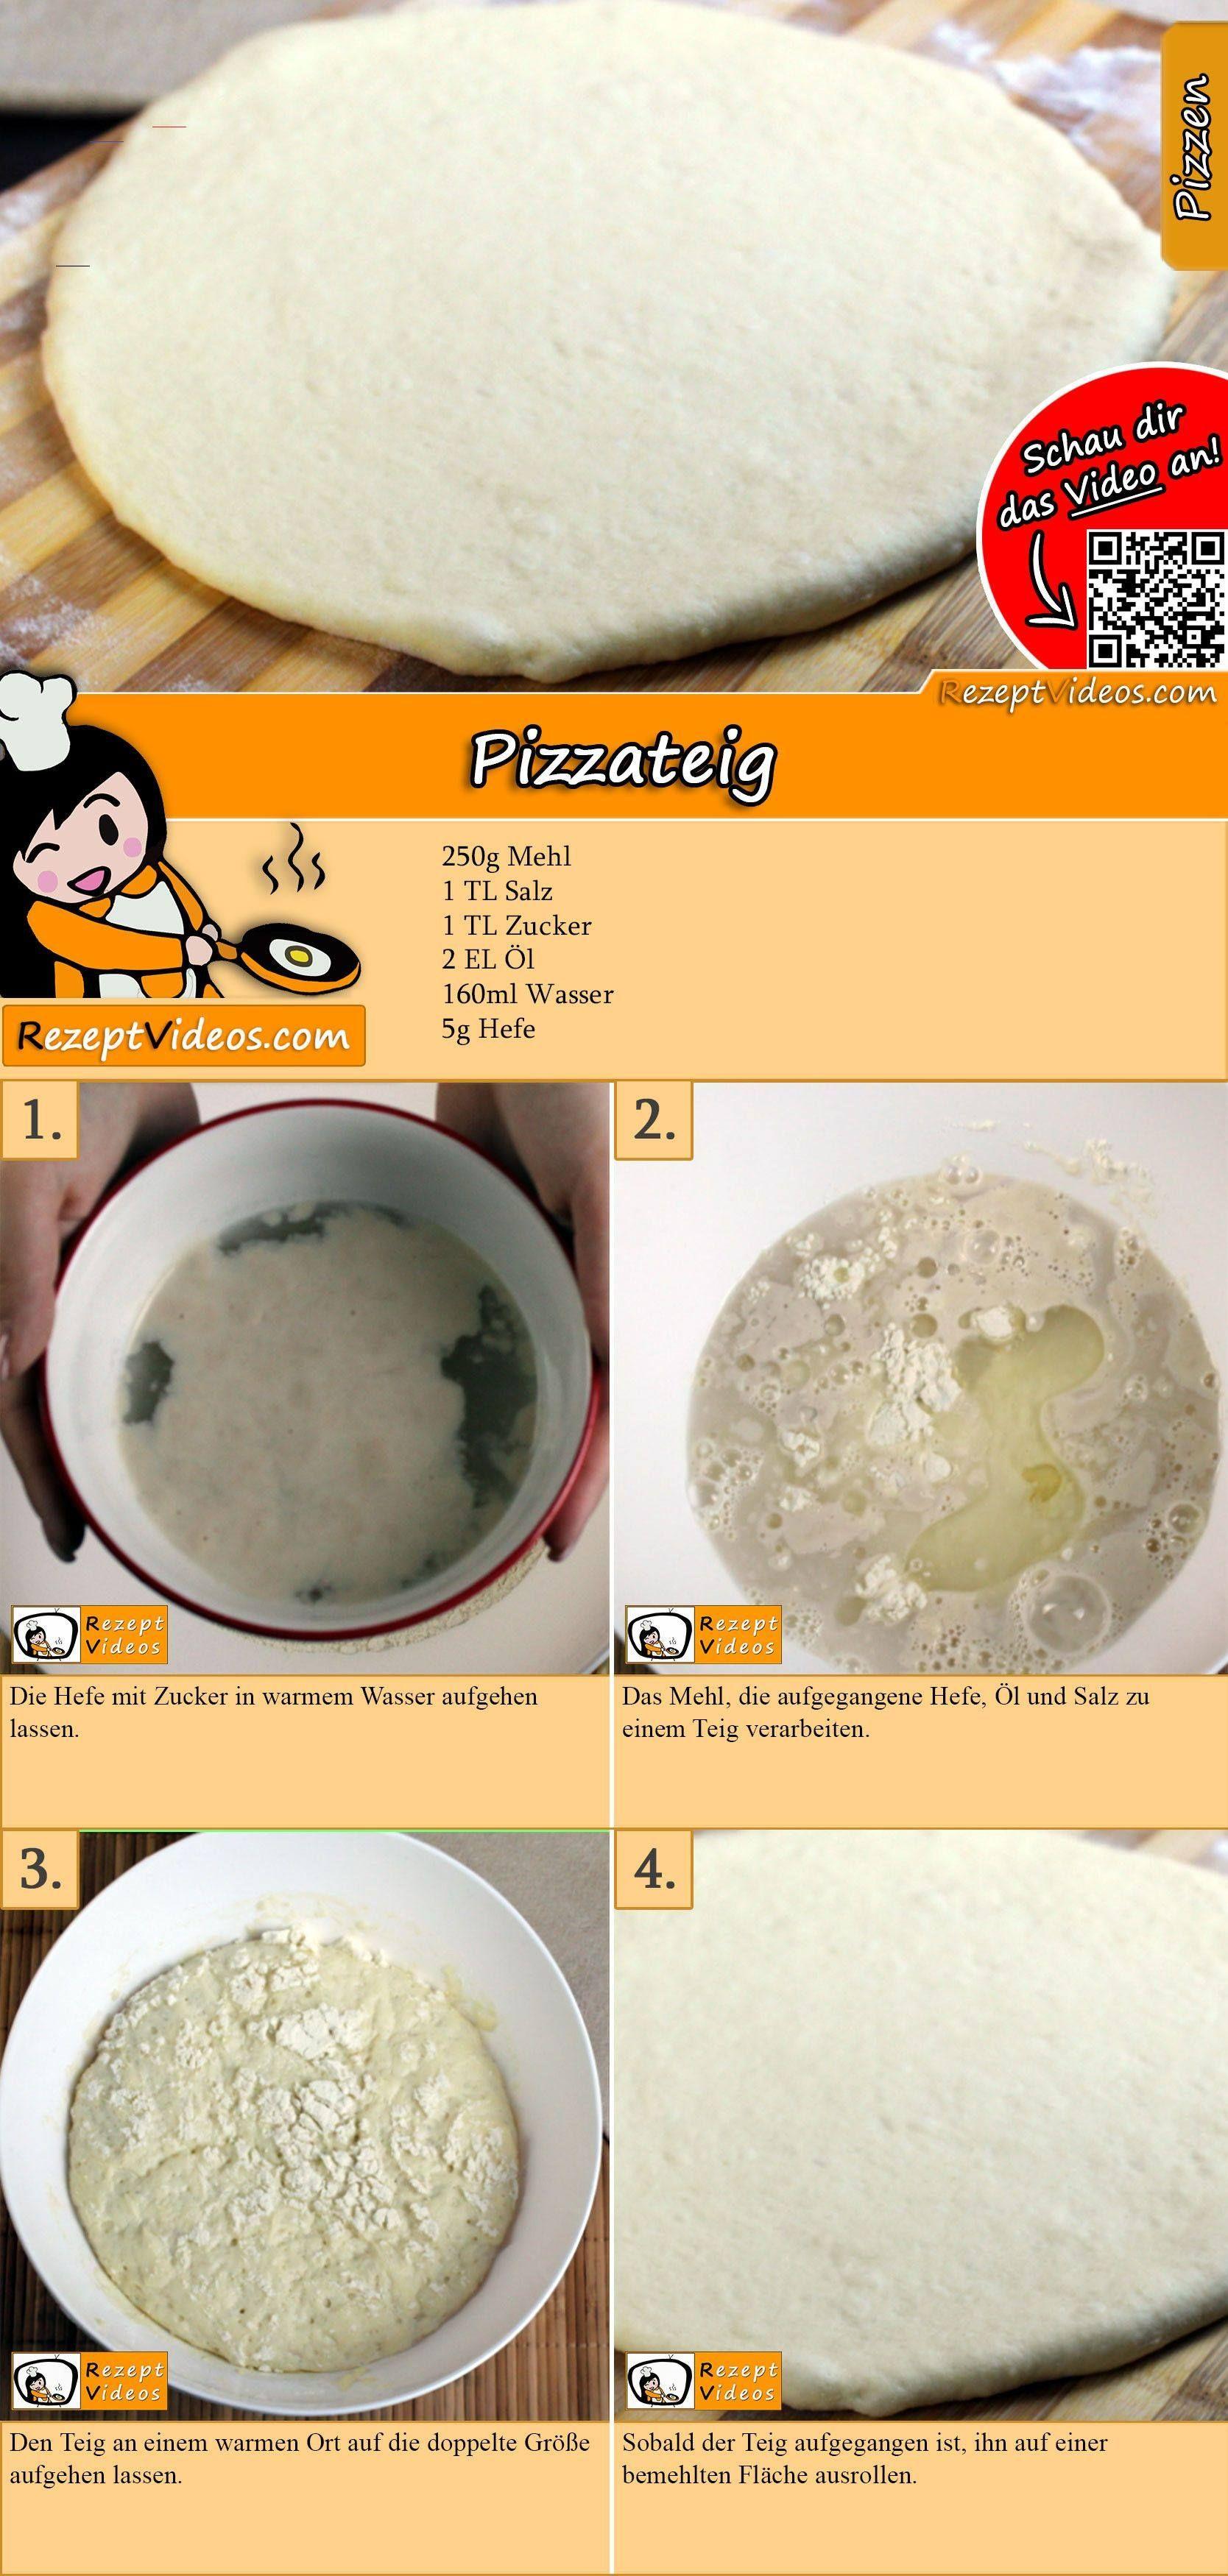 Pizzateig Rezept mit Video   Pizzateig selber machen/ Pizza backen ...